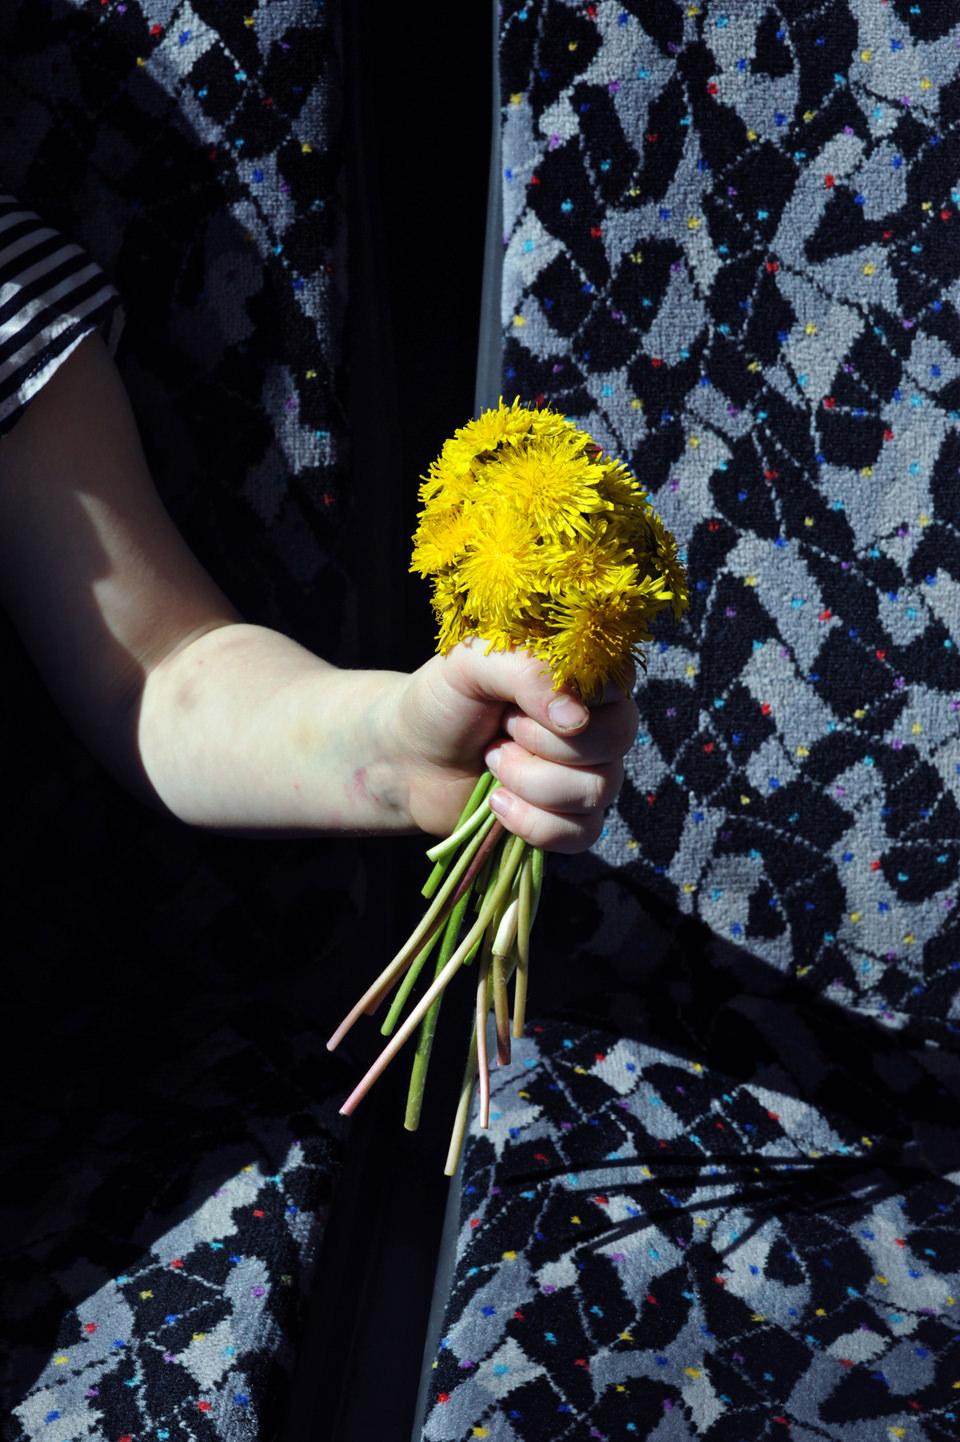 Eine Hand hält einen Blumenstrauss.